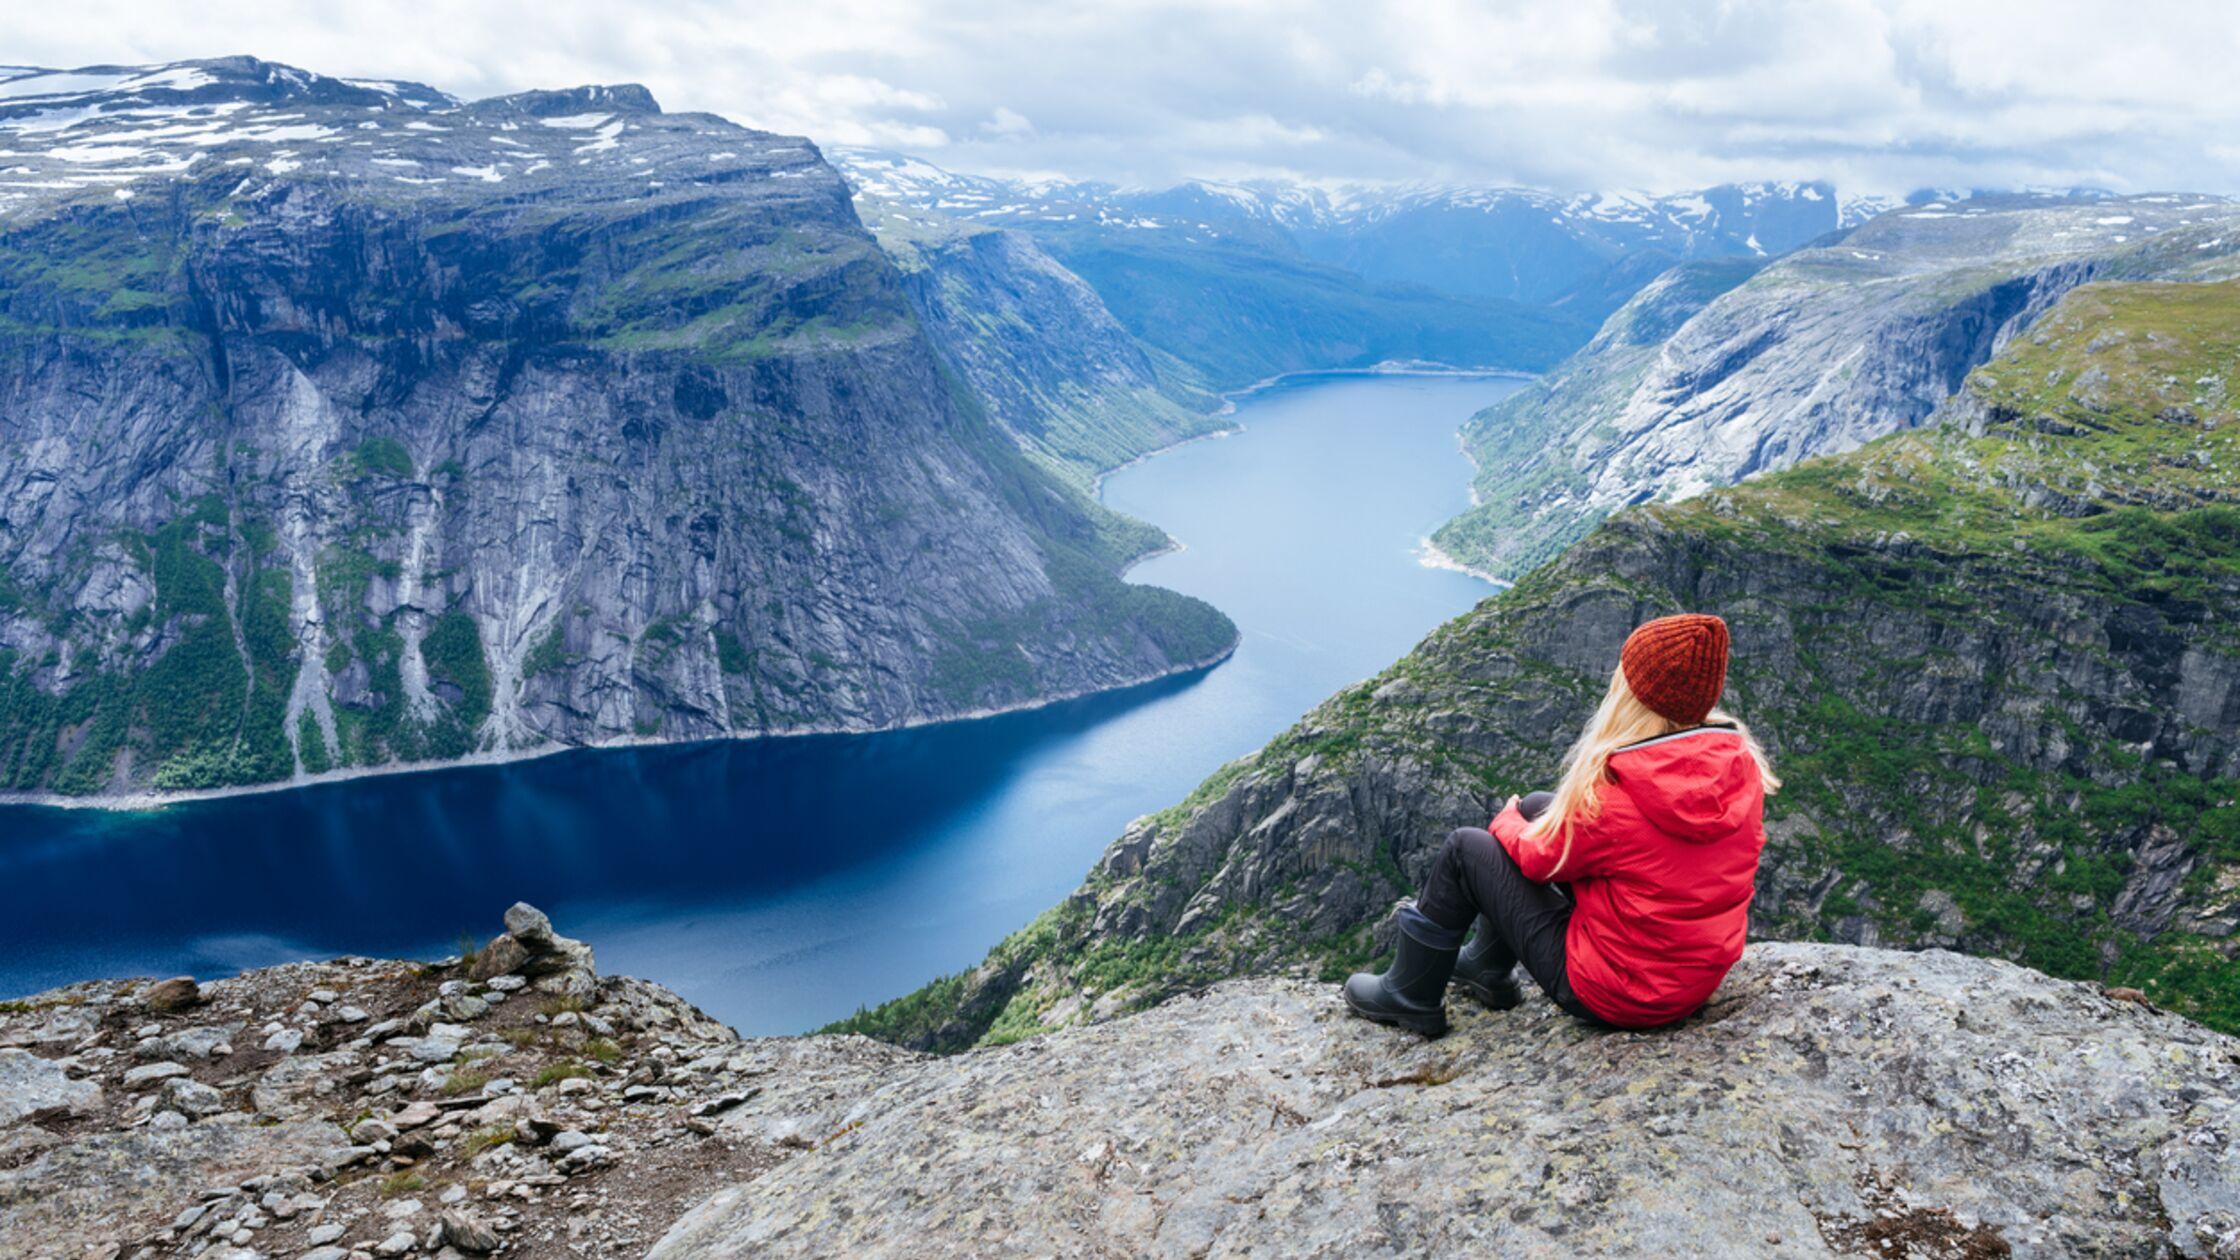 Polarleuchten, raue Fjorde: Auswandern nach Norwegen